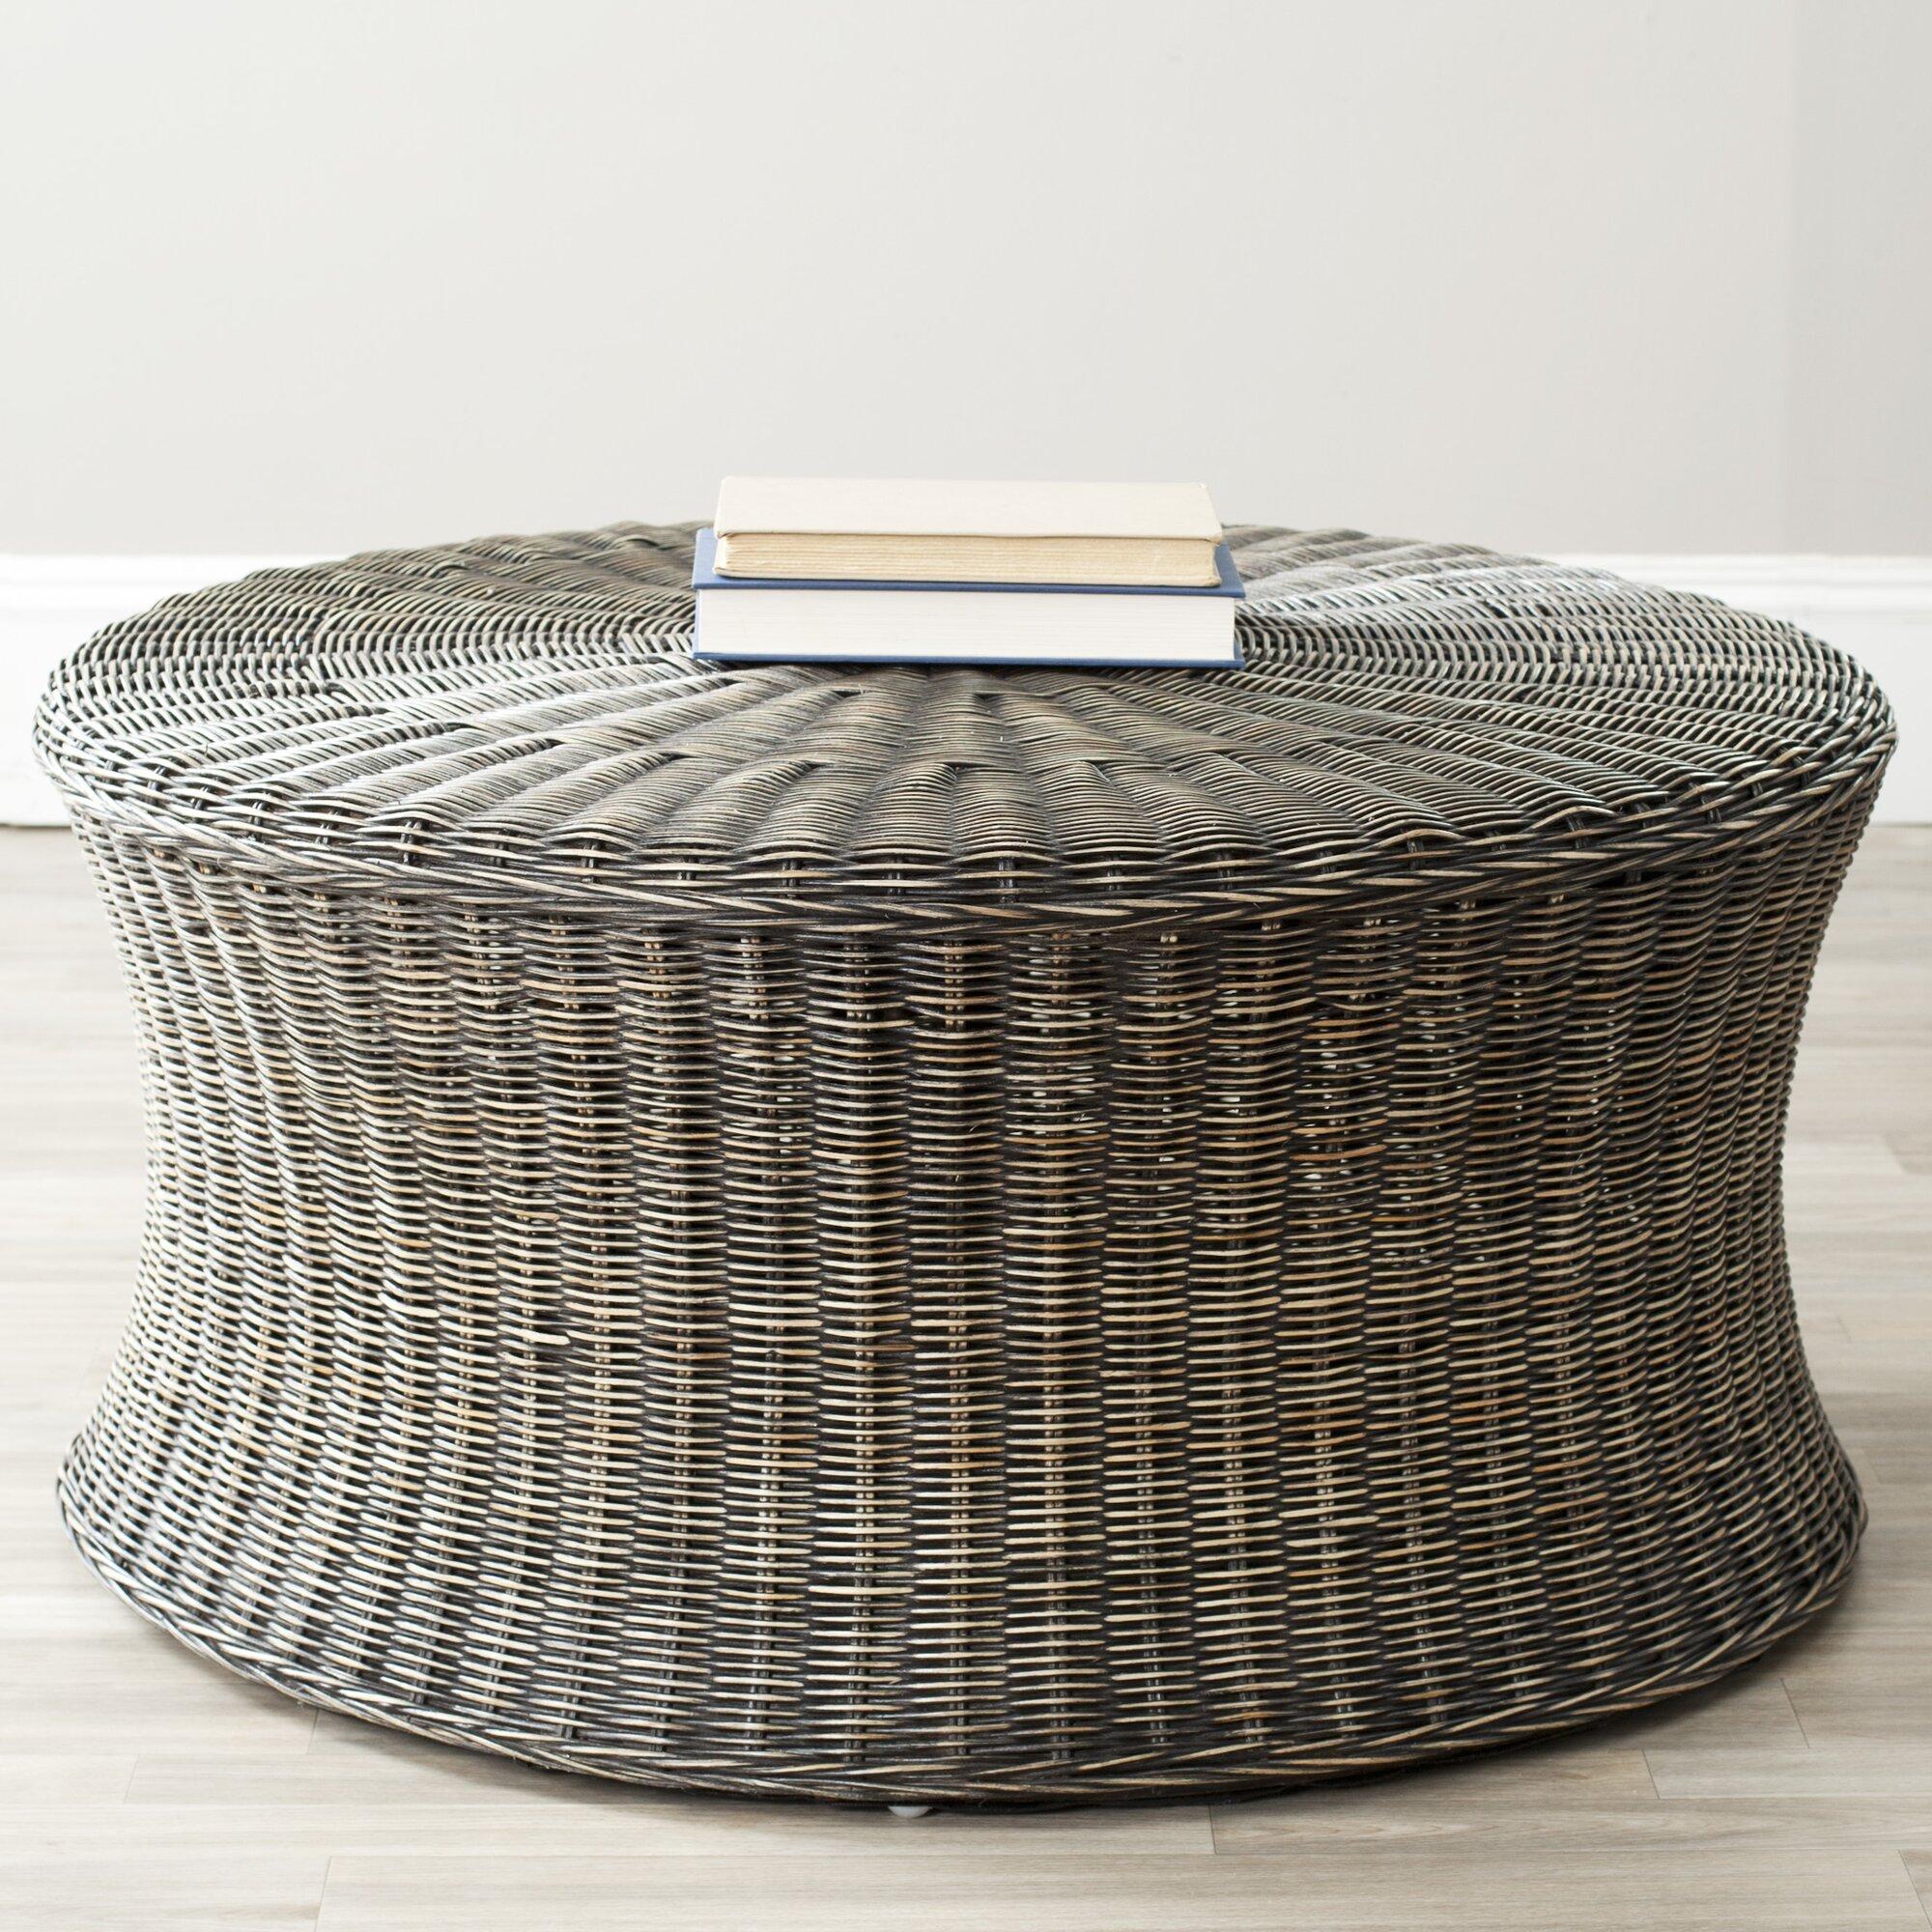 45 sparen rattan couchtisch von safavieh nur 171 99 cherry m bel wayfair. Black Bedroom Furniture Sets. Home Design Ideas